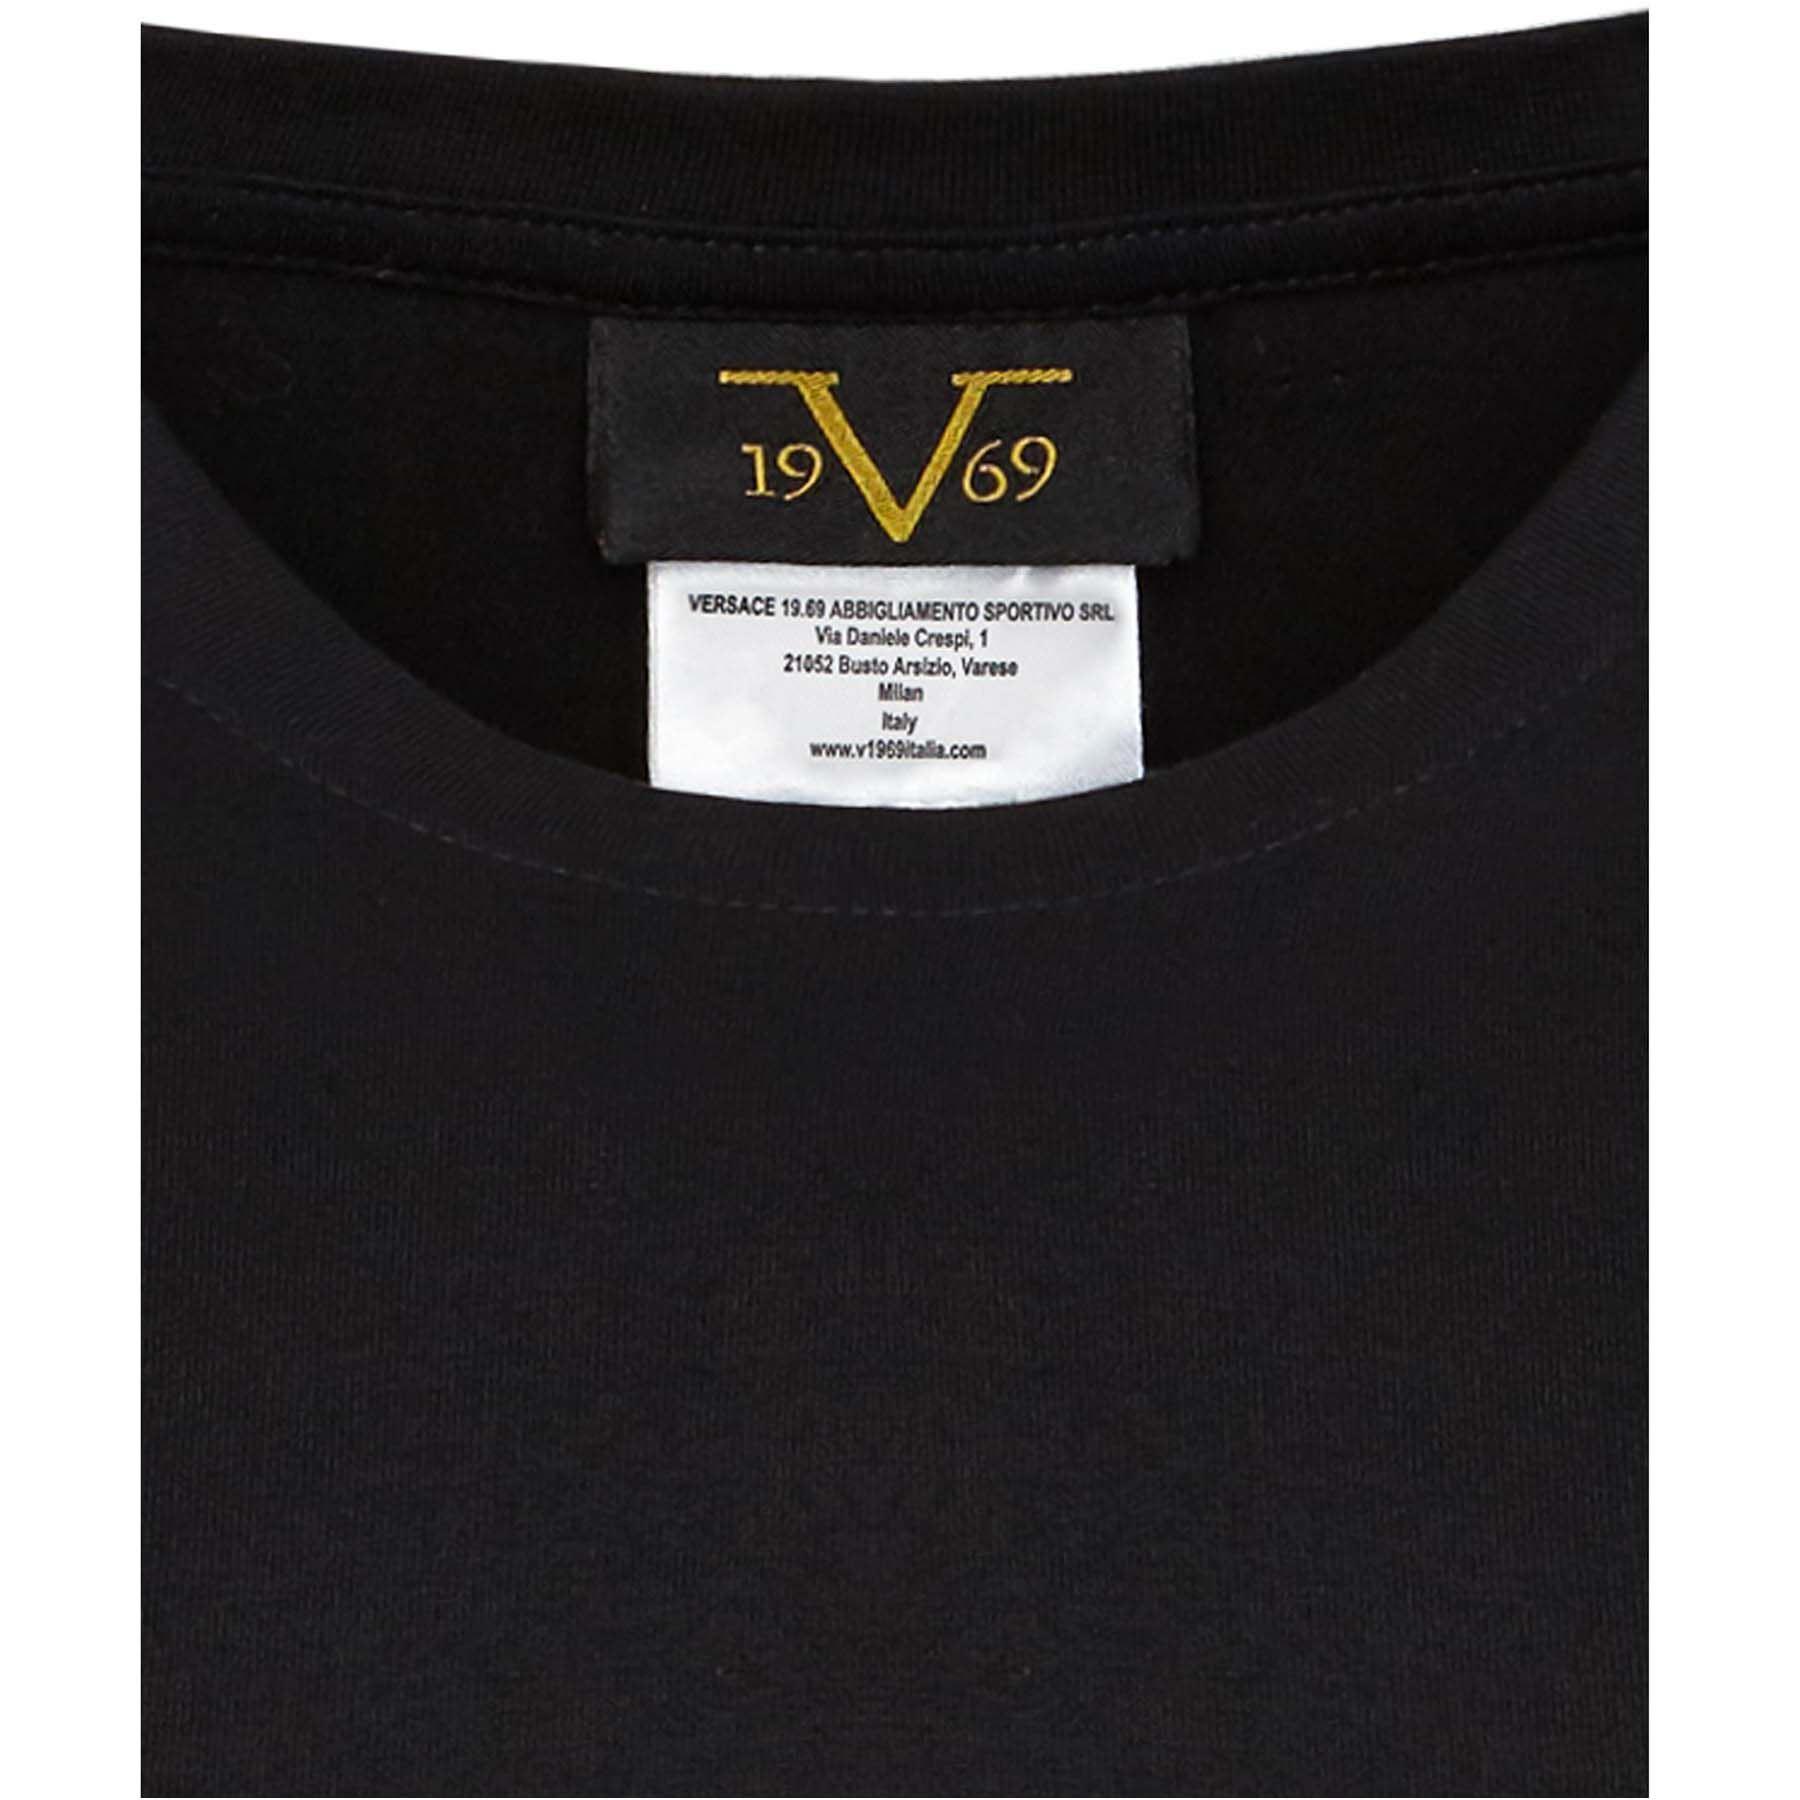 d4e4b7b89306 19V69 Lot de 3 T-shirts homme M Noir